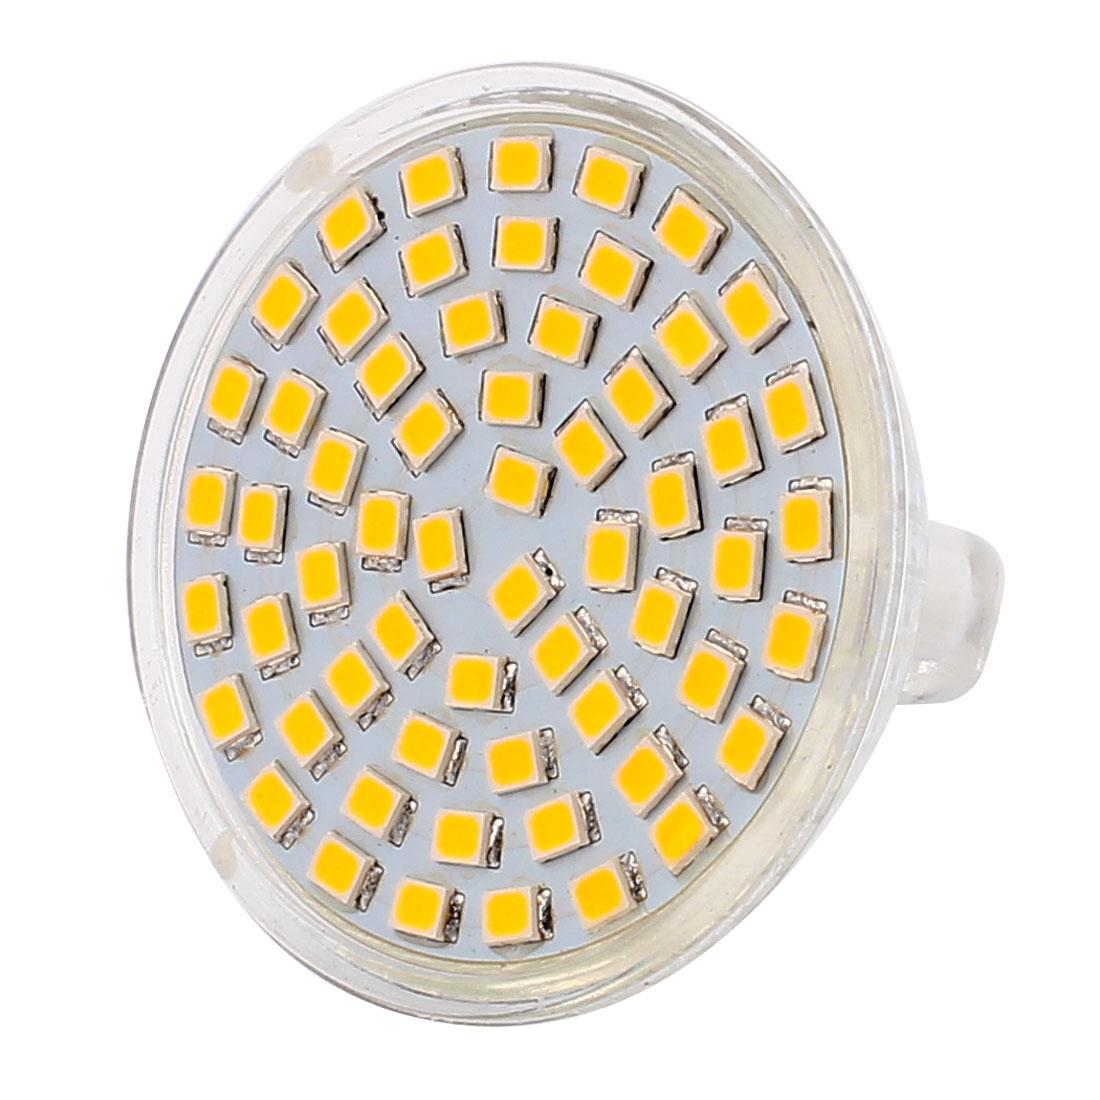 110V 6W MR16 2835 SMD 60 LEDs LED Light Spotlight Down Lamp Lighting Warm White